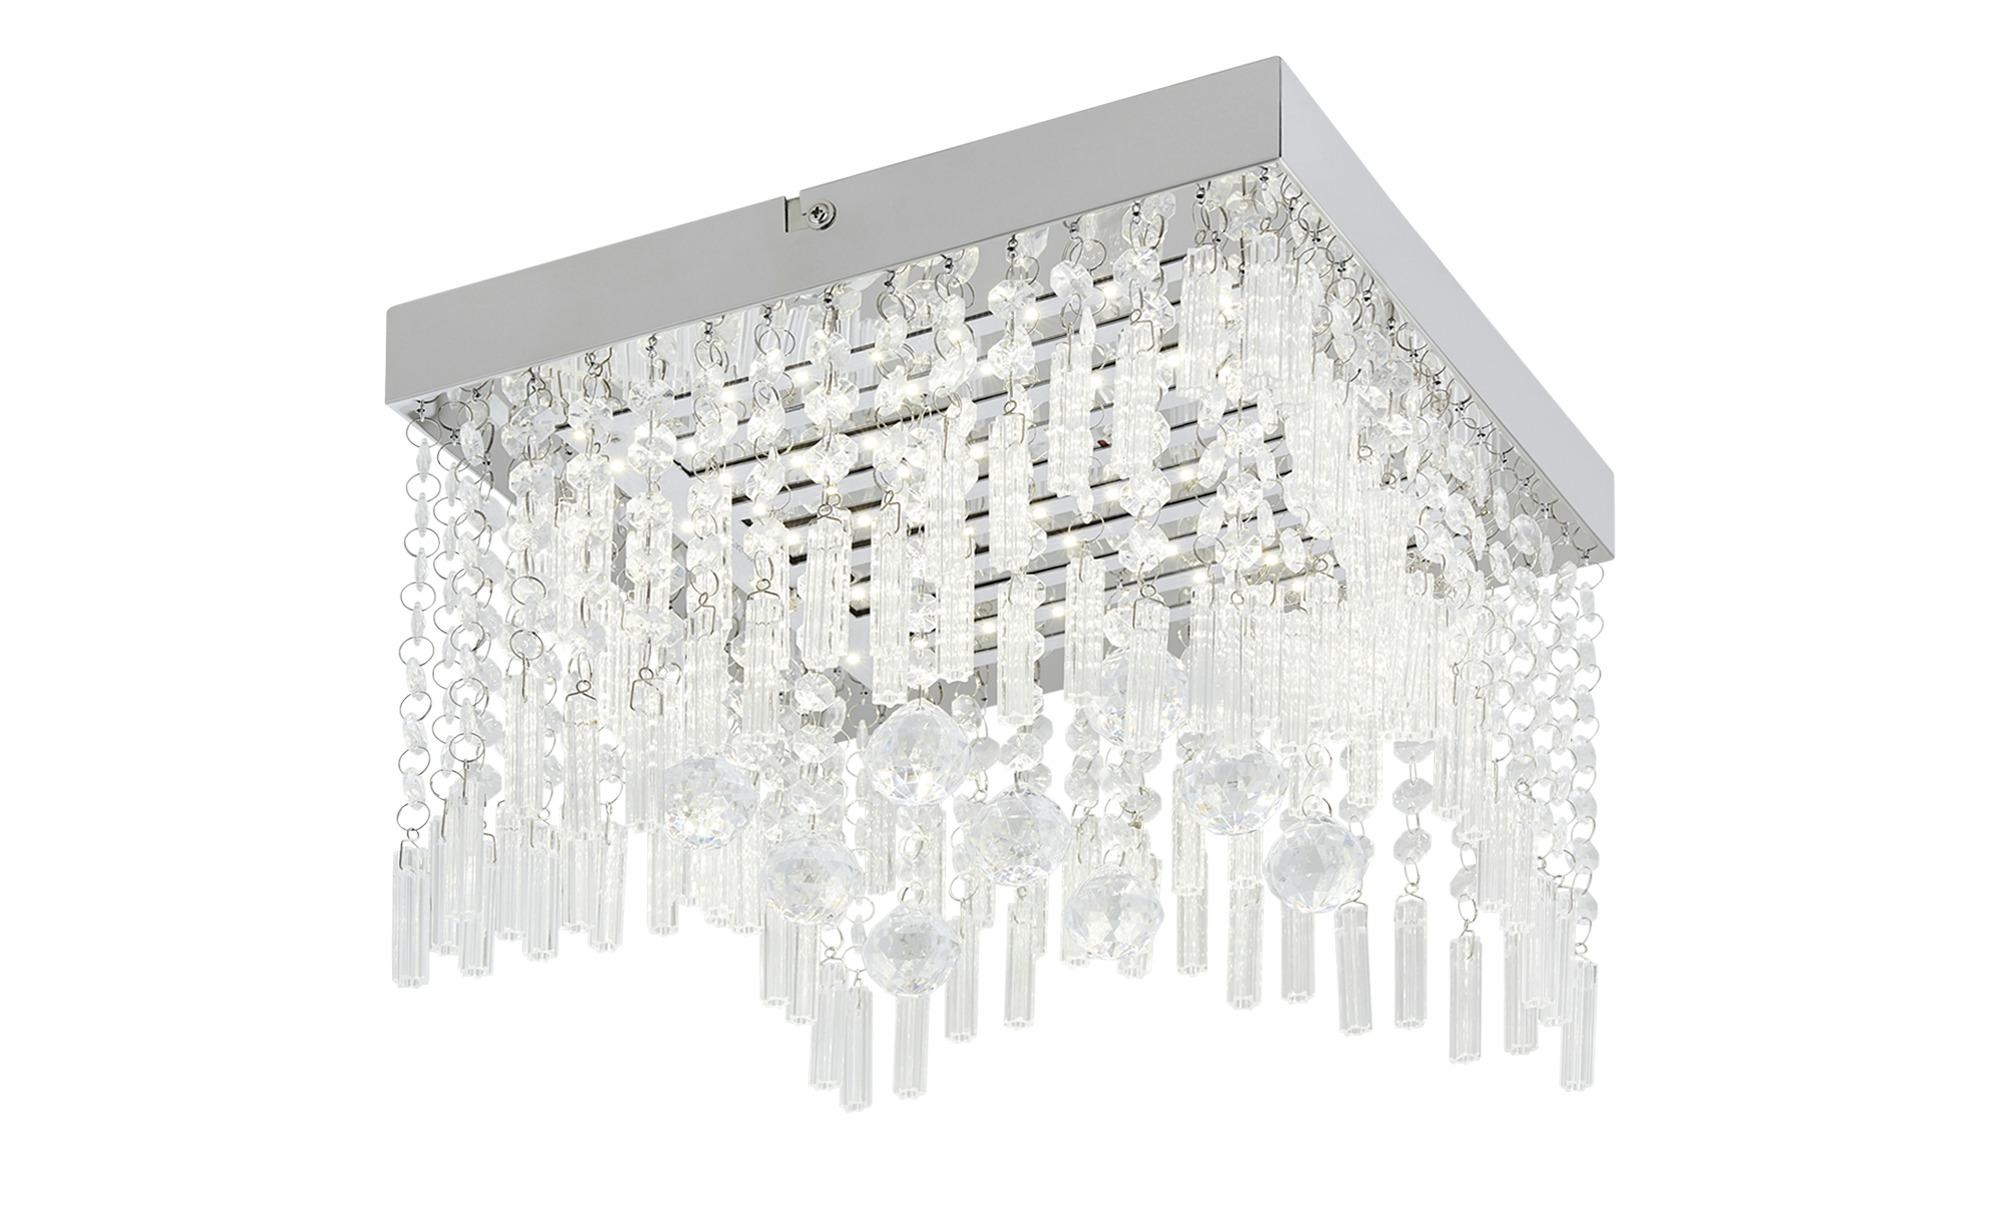 KHG LED-Deckenleuchte mit Kristallglasbehang ¦ silber ¦ Maße (cm): B: 30 H: 24,5 Lampen & Leuchten > Innenleuchten > Deckenleuchten - Höffner